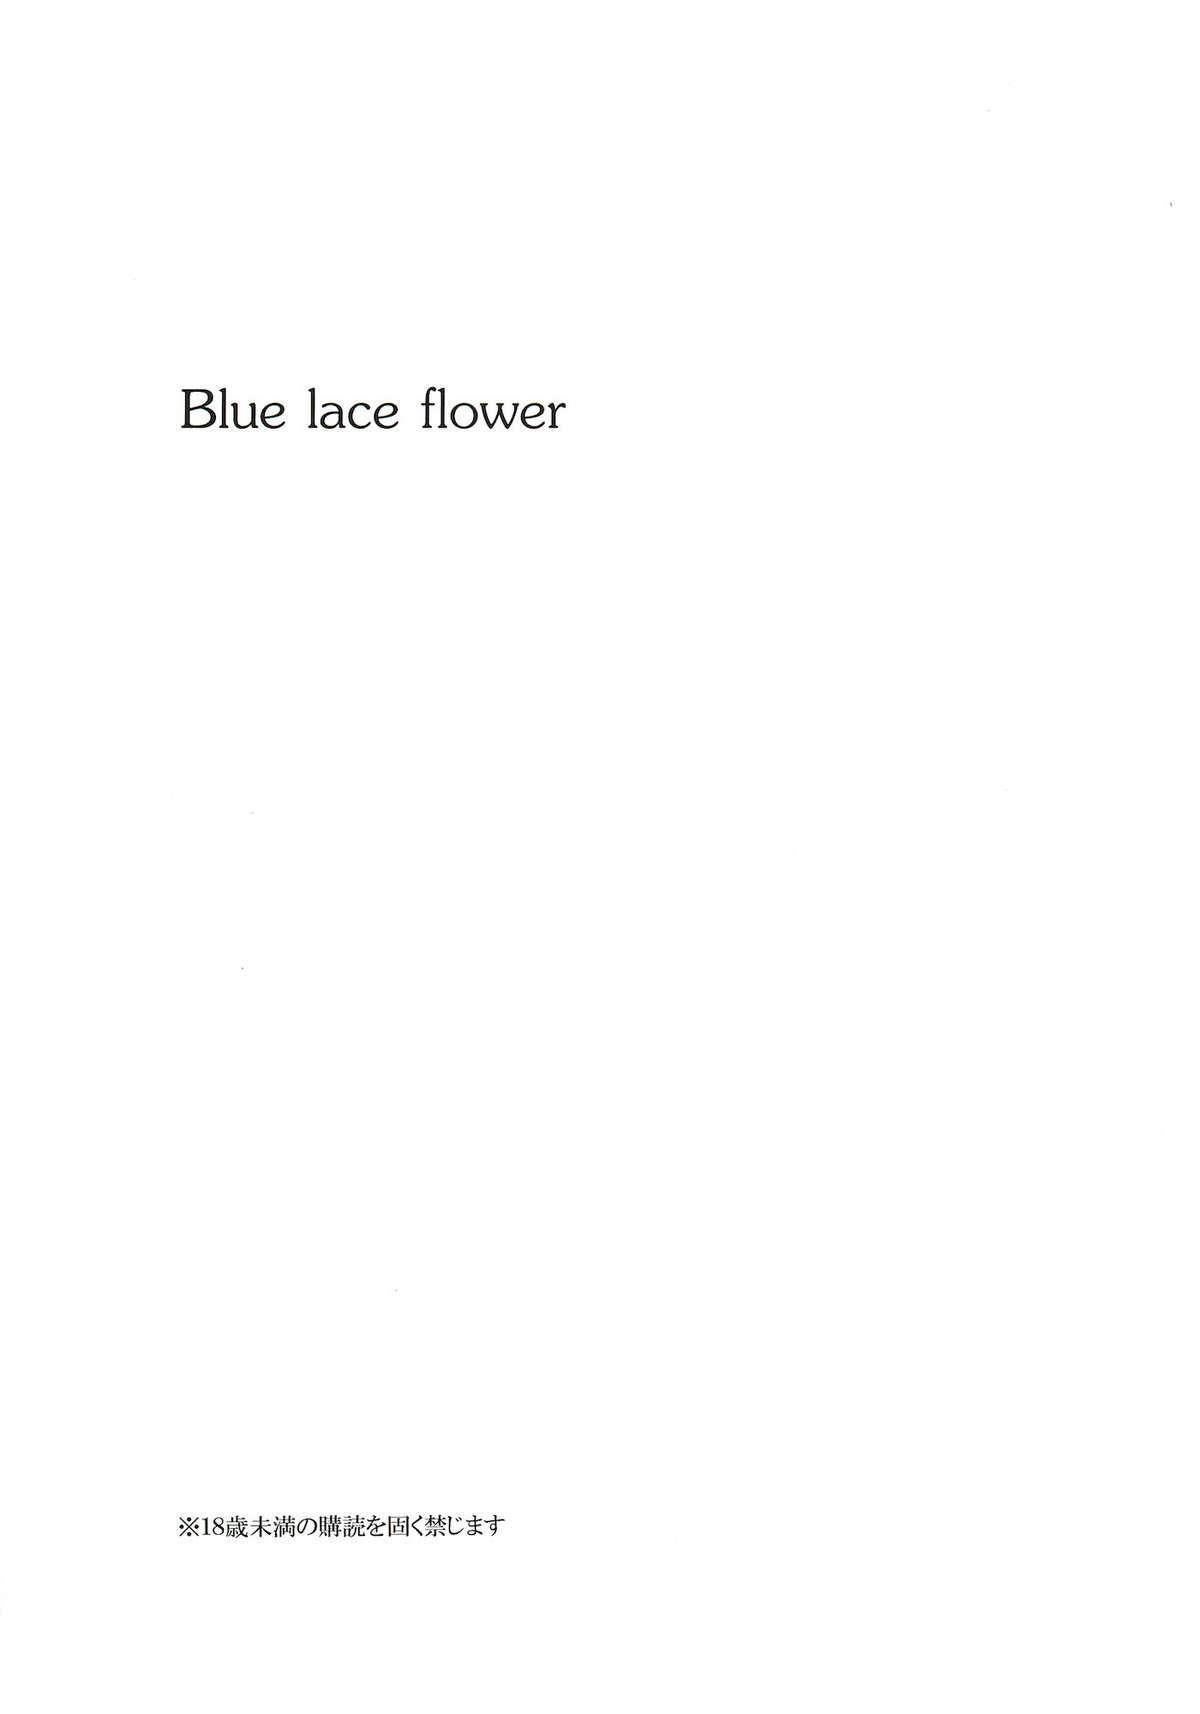 Blue lace flower 2